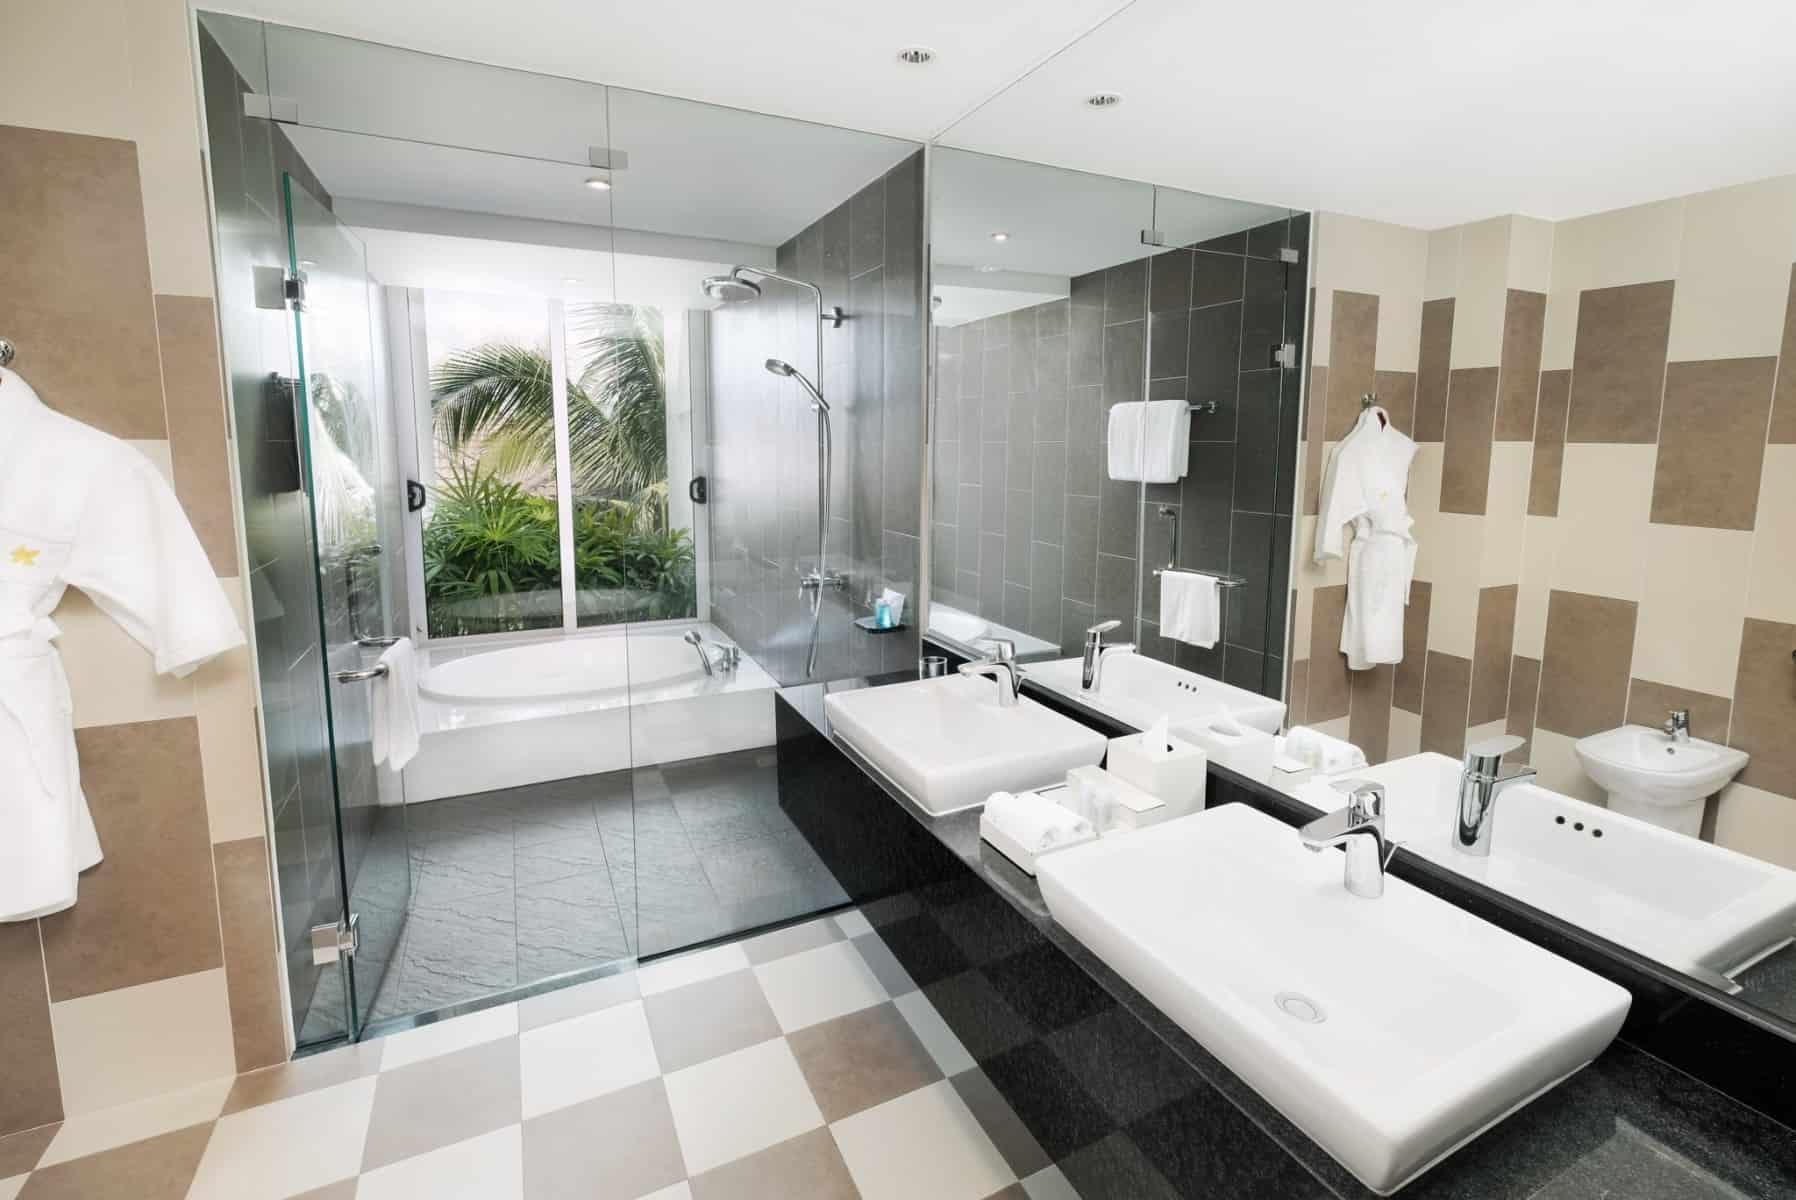 Phòng tắm hiện đại với view nhìn ra sân vườn